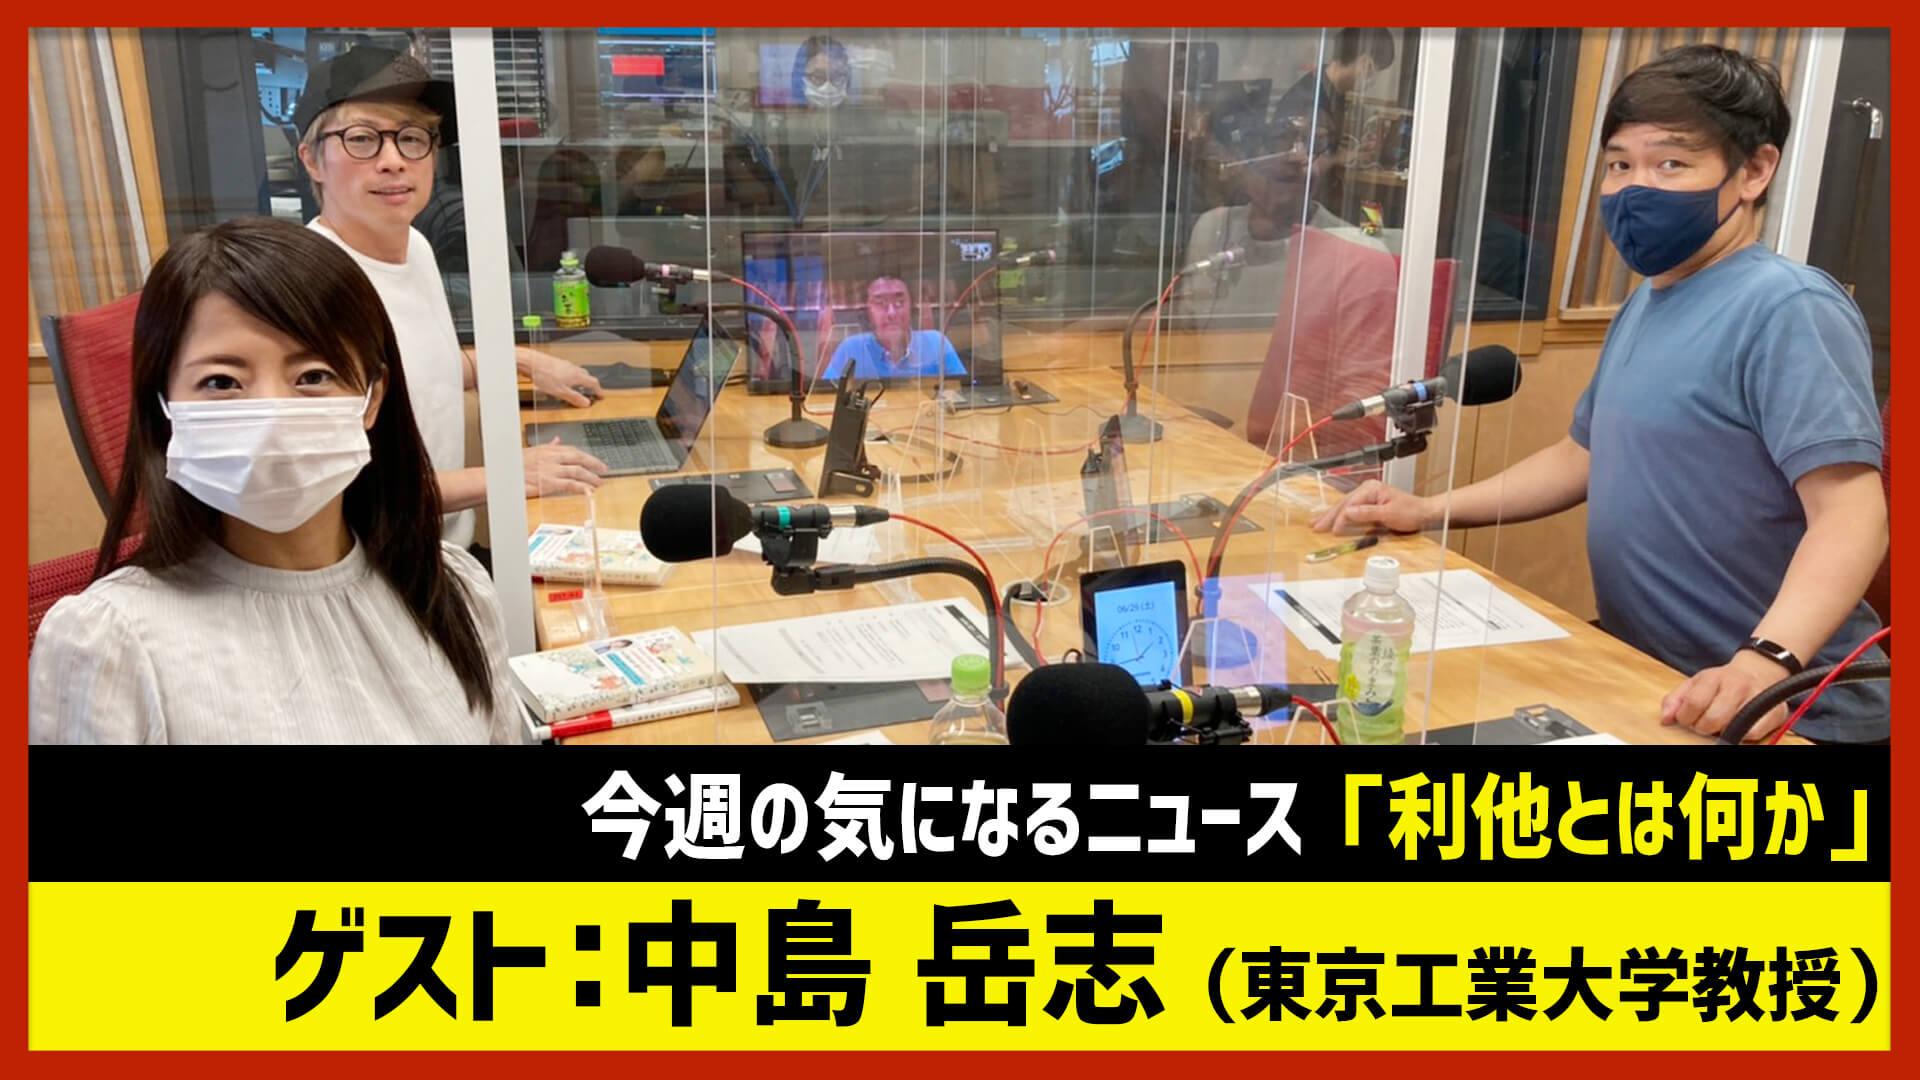 【田村淳のNewsCLUB】ゲスト: 中島岳志さん(2021年6月26日前半)